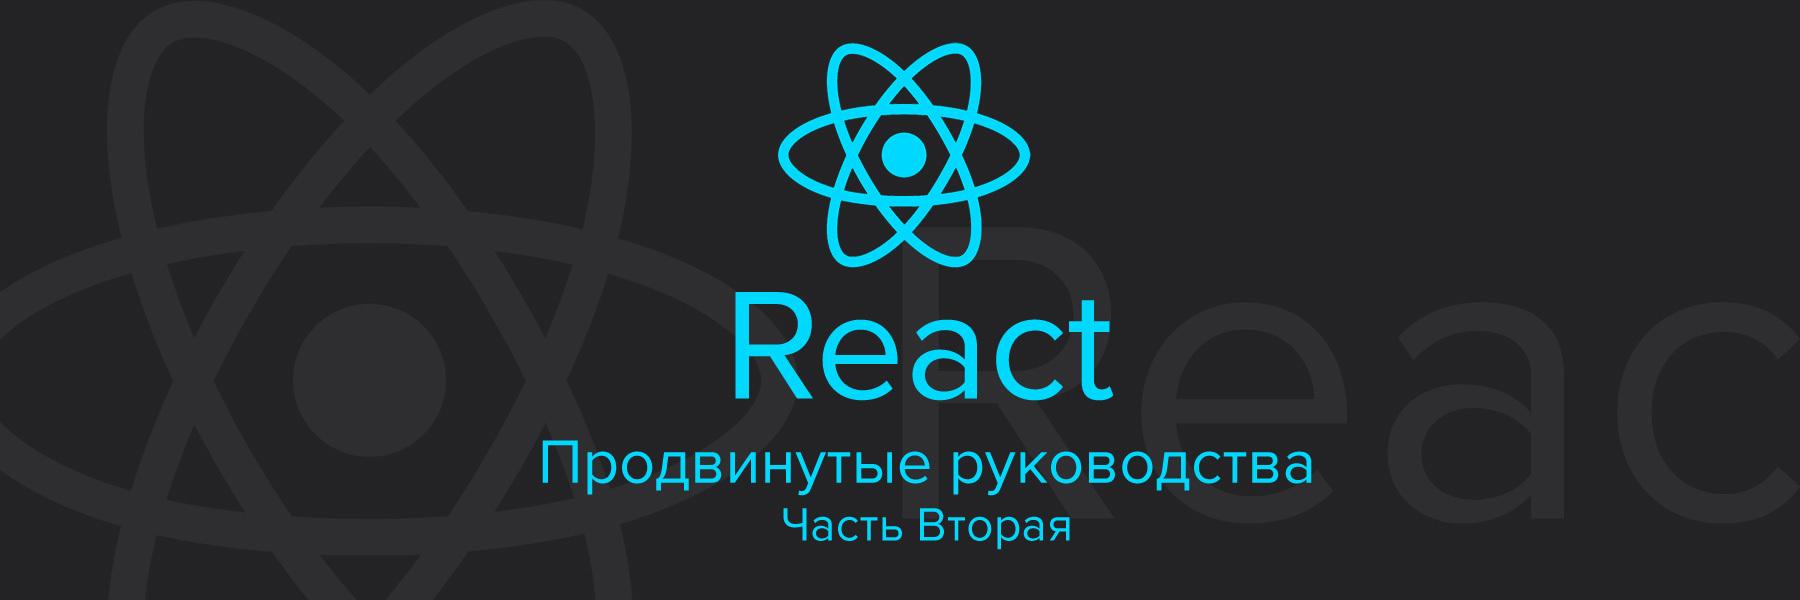 PropTypes — проверка типов в React